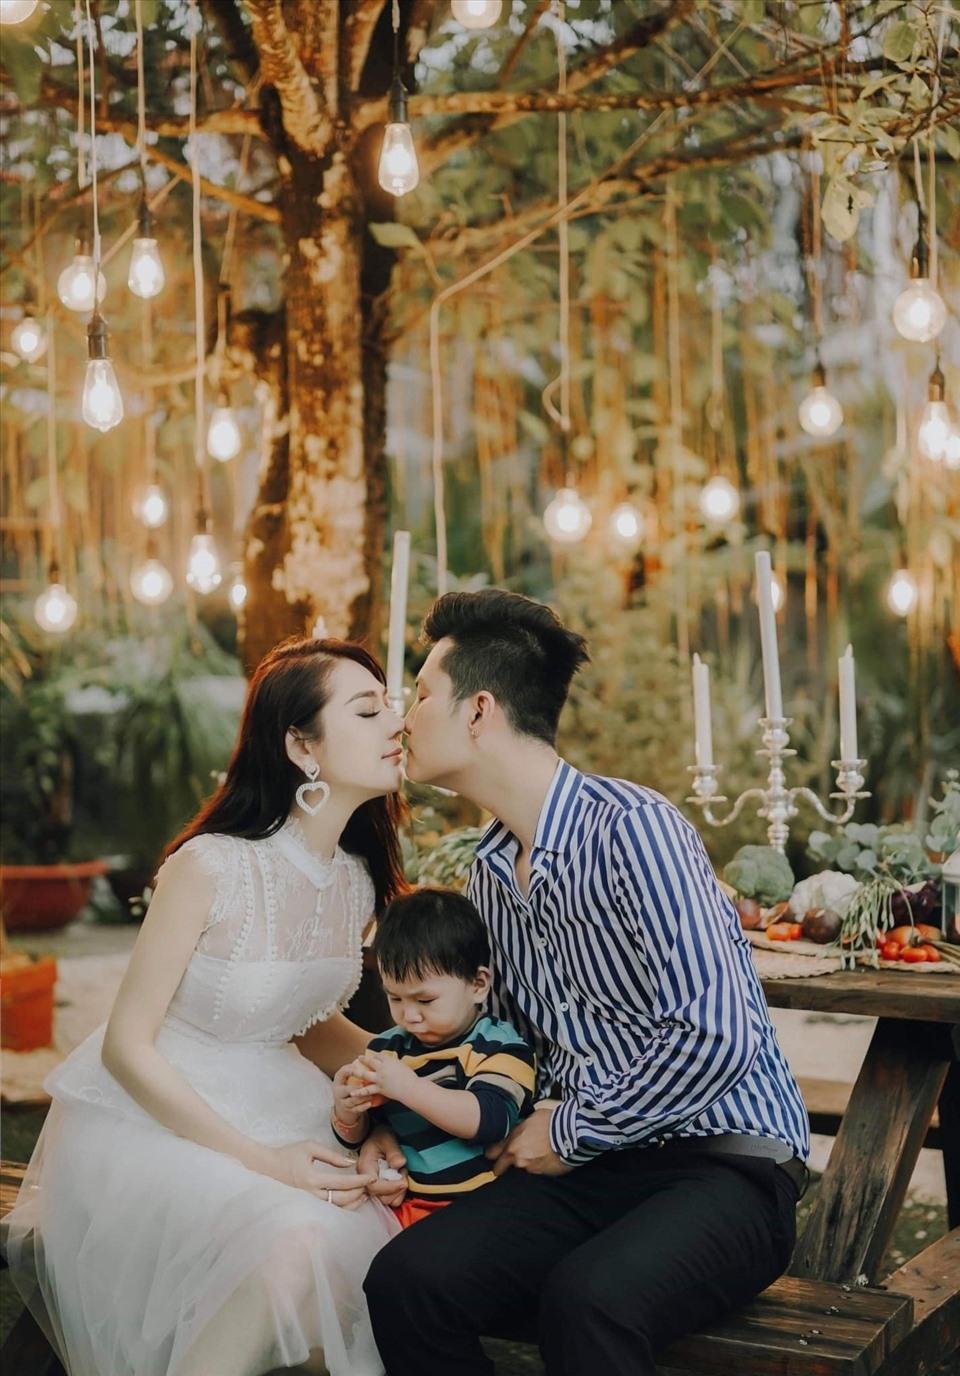 Hai vợ chồng Lâm Khánh Chi vô cùng hạnh phúc khi chào đón quý tử vàhết lòng chăm sóc và cưng chiều con trai. (Ảnh: FBNV) - Tin sao Viet - Tin tuc sao Viet - Scandal sao Viet - Tin tuc cua Sao - Tin cua Sao